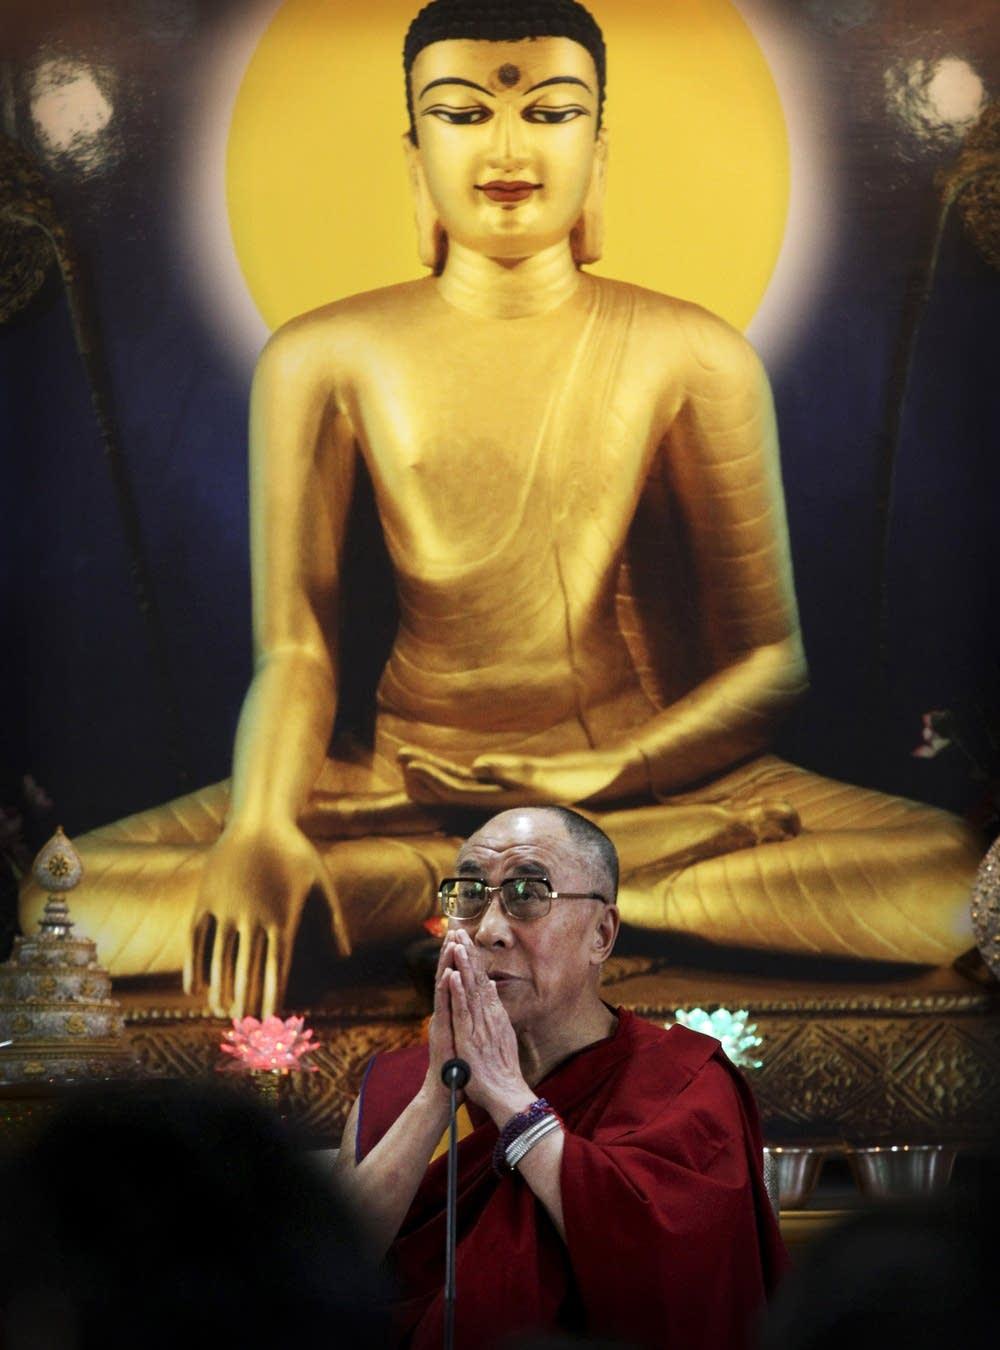 Shakyamuni Buddha and His Holiness the Dalai Lama